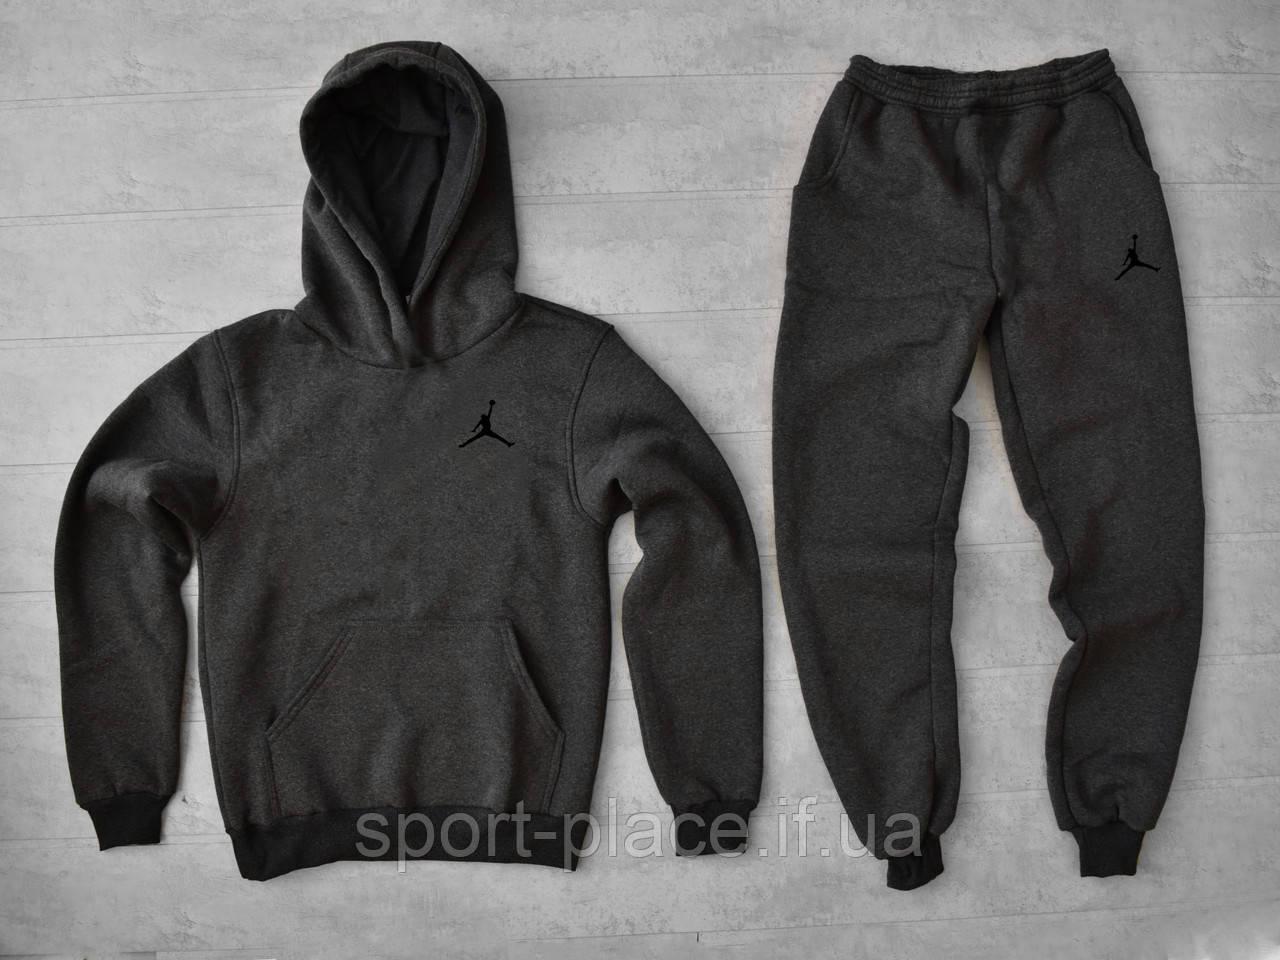 Чоловічий спортивний костюм Jordan темно сірий (ЗИМА) з начосом, толстовка маленька чорна емблема репліка